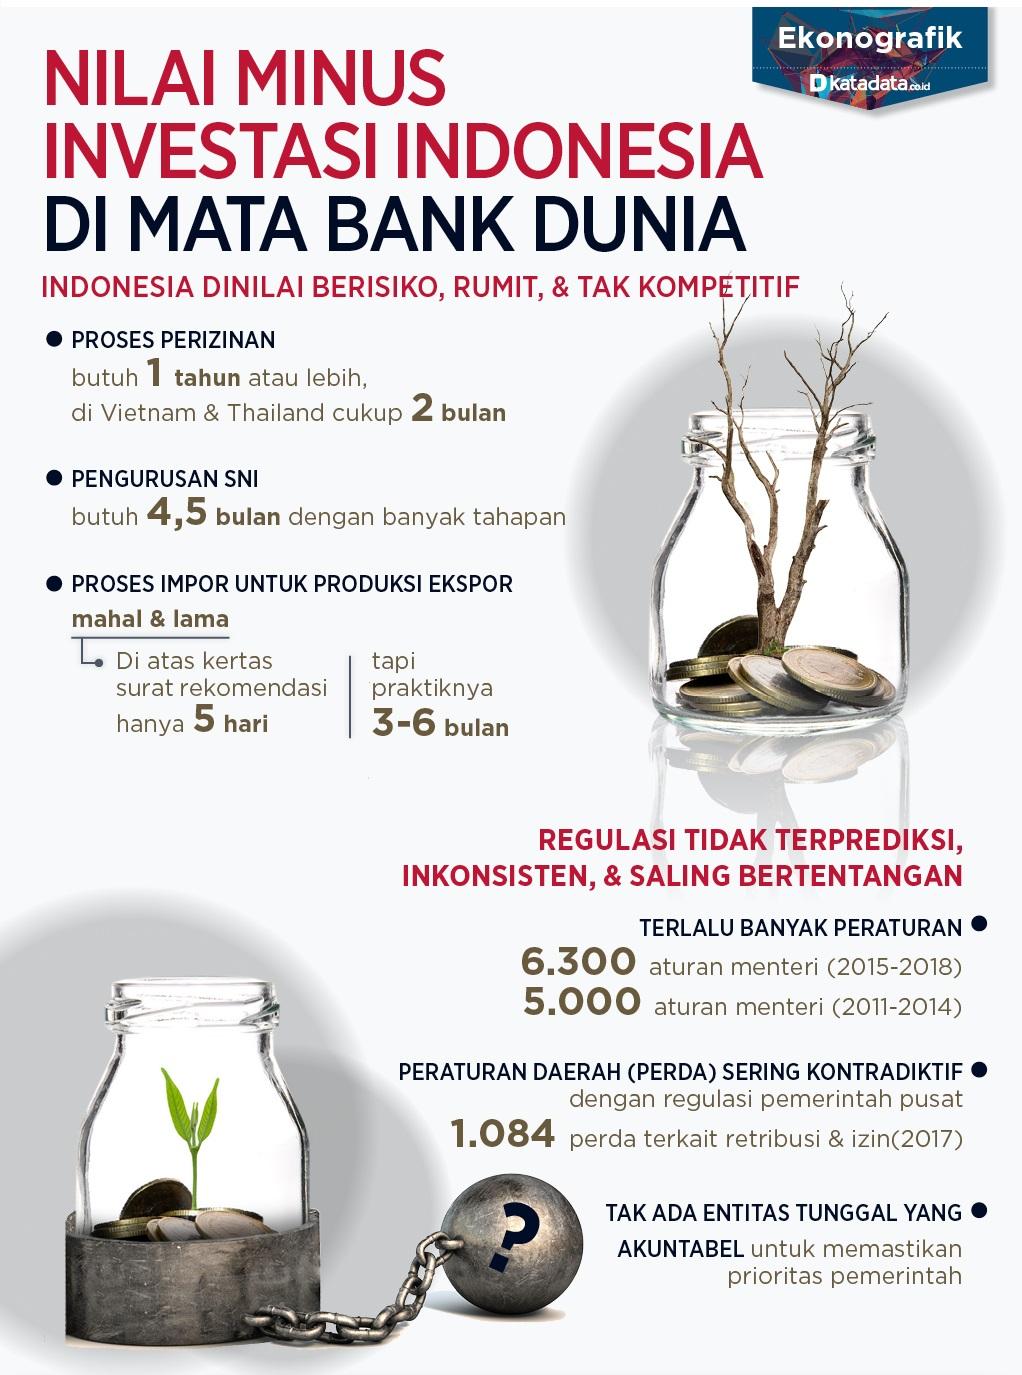 Nilai Minus Investasi Indonesia di Mata Bank Dunia